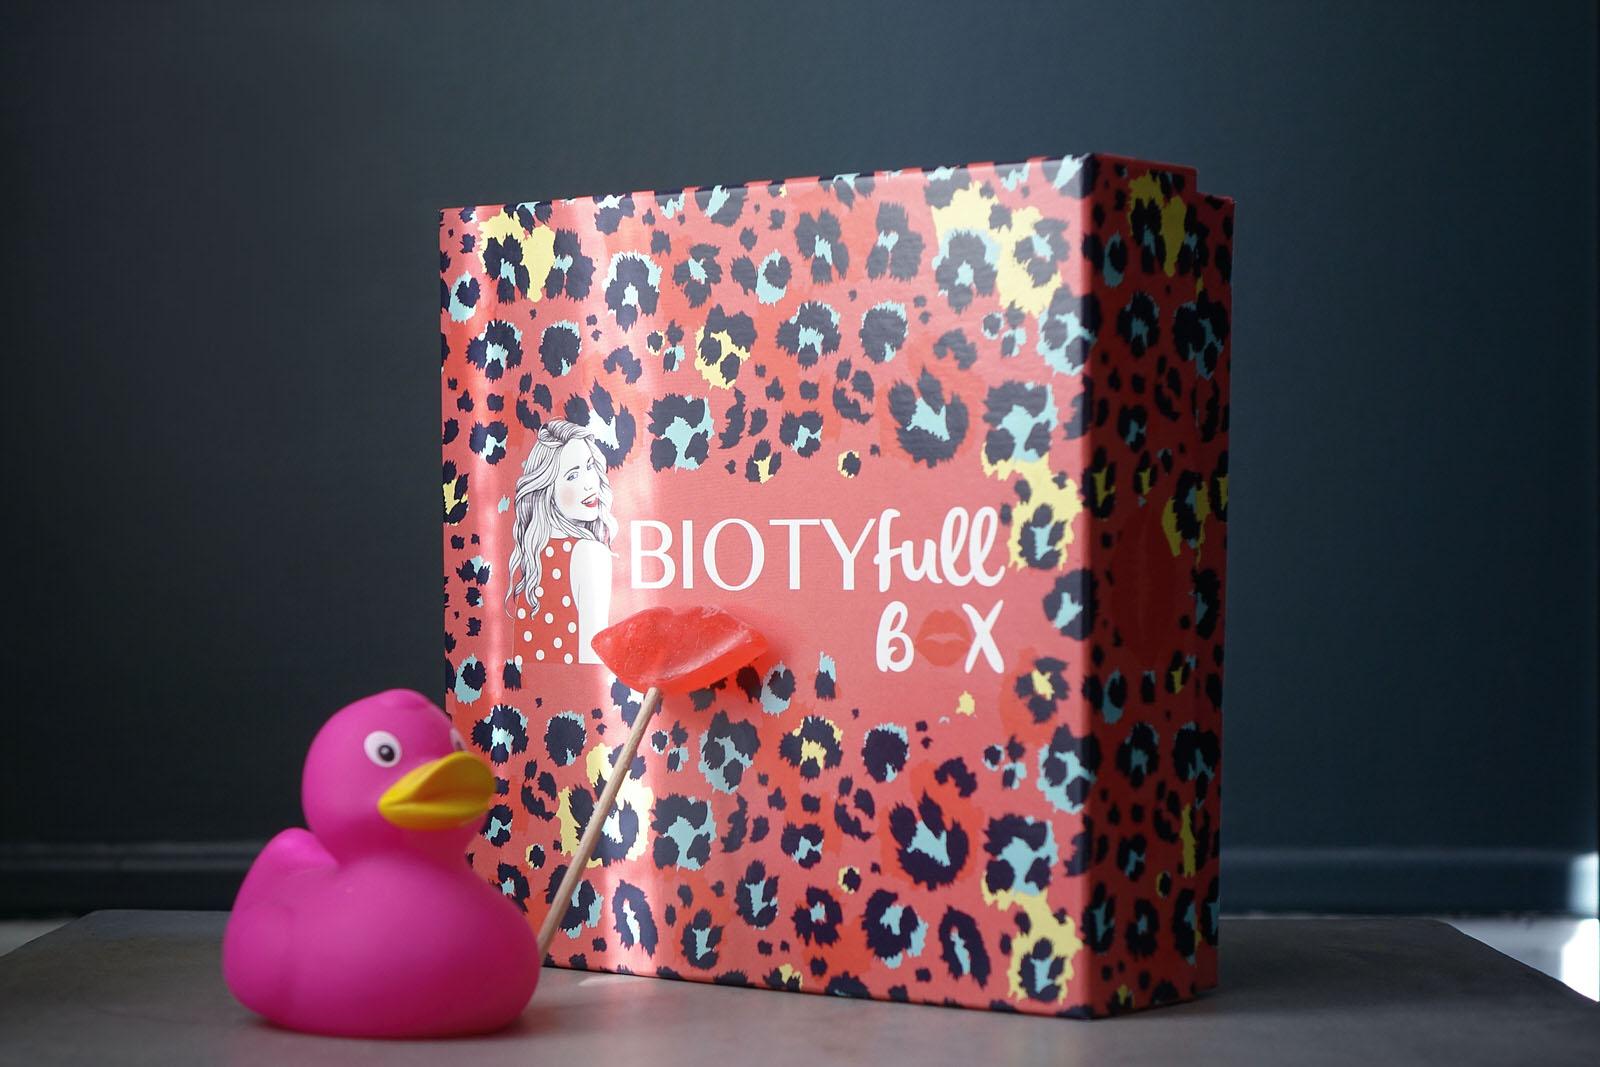 Contenu de la BIOTYfull Box de février 2021 pour la Saint Valentin